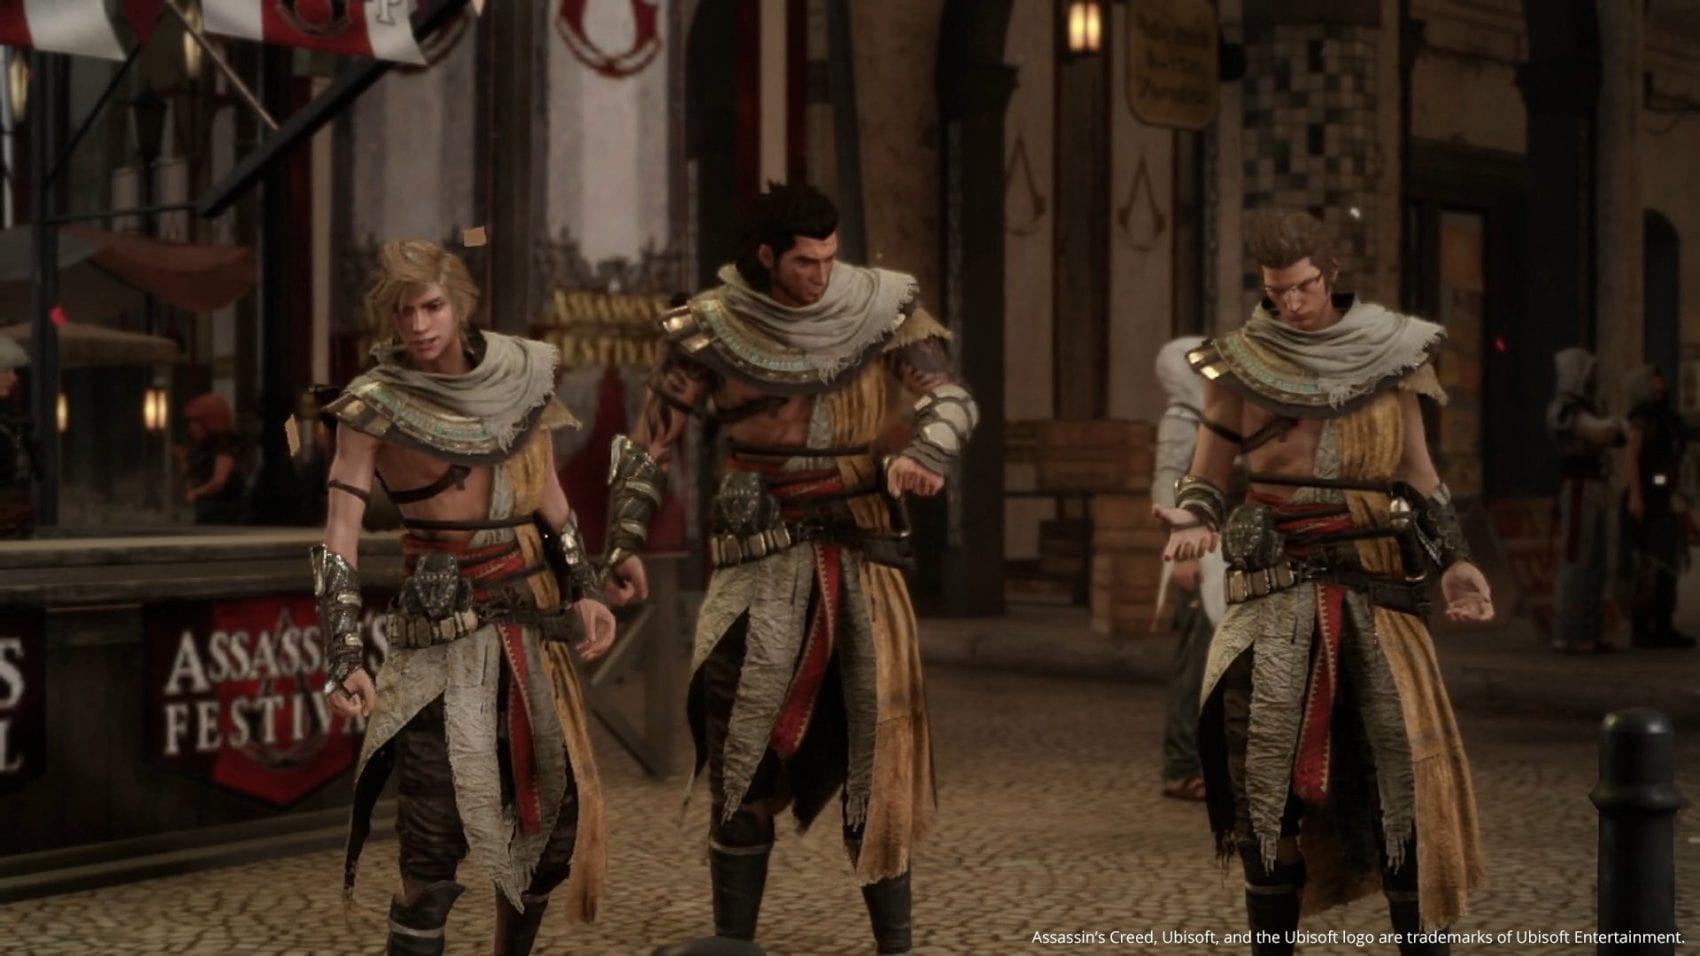 Final Fantasy XV Assassin's Creed Assassin Festival Team